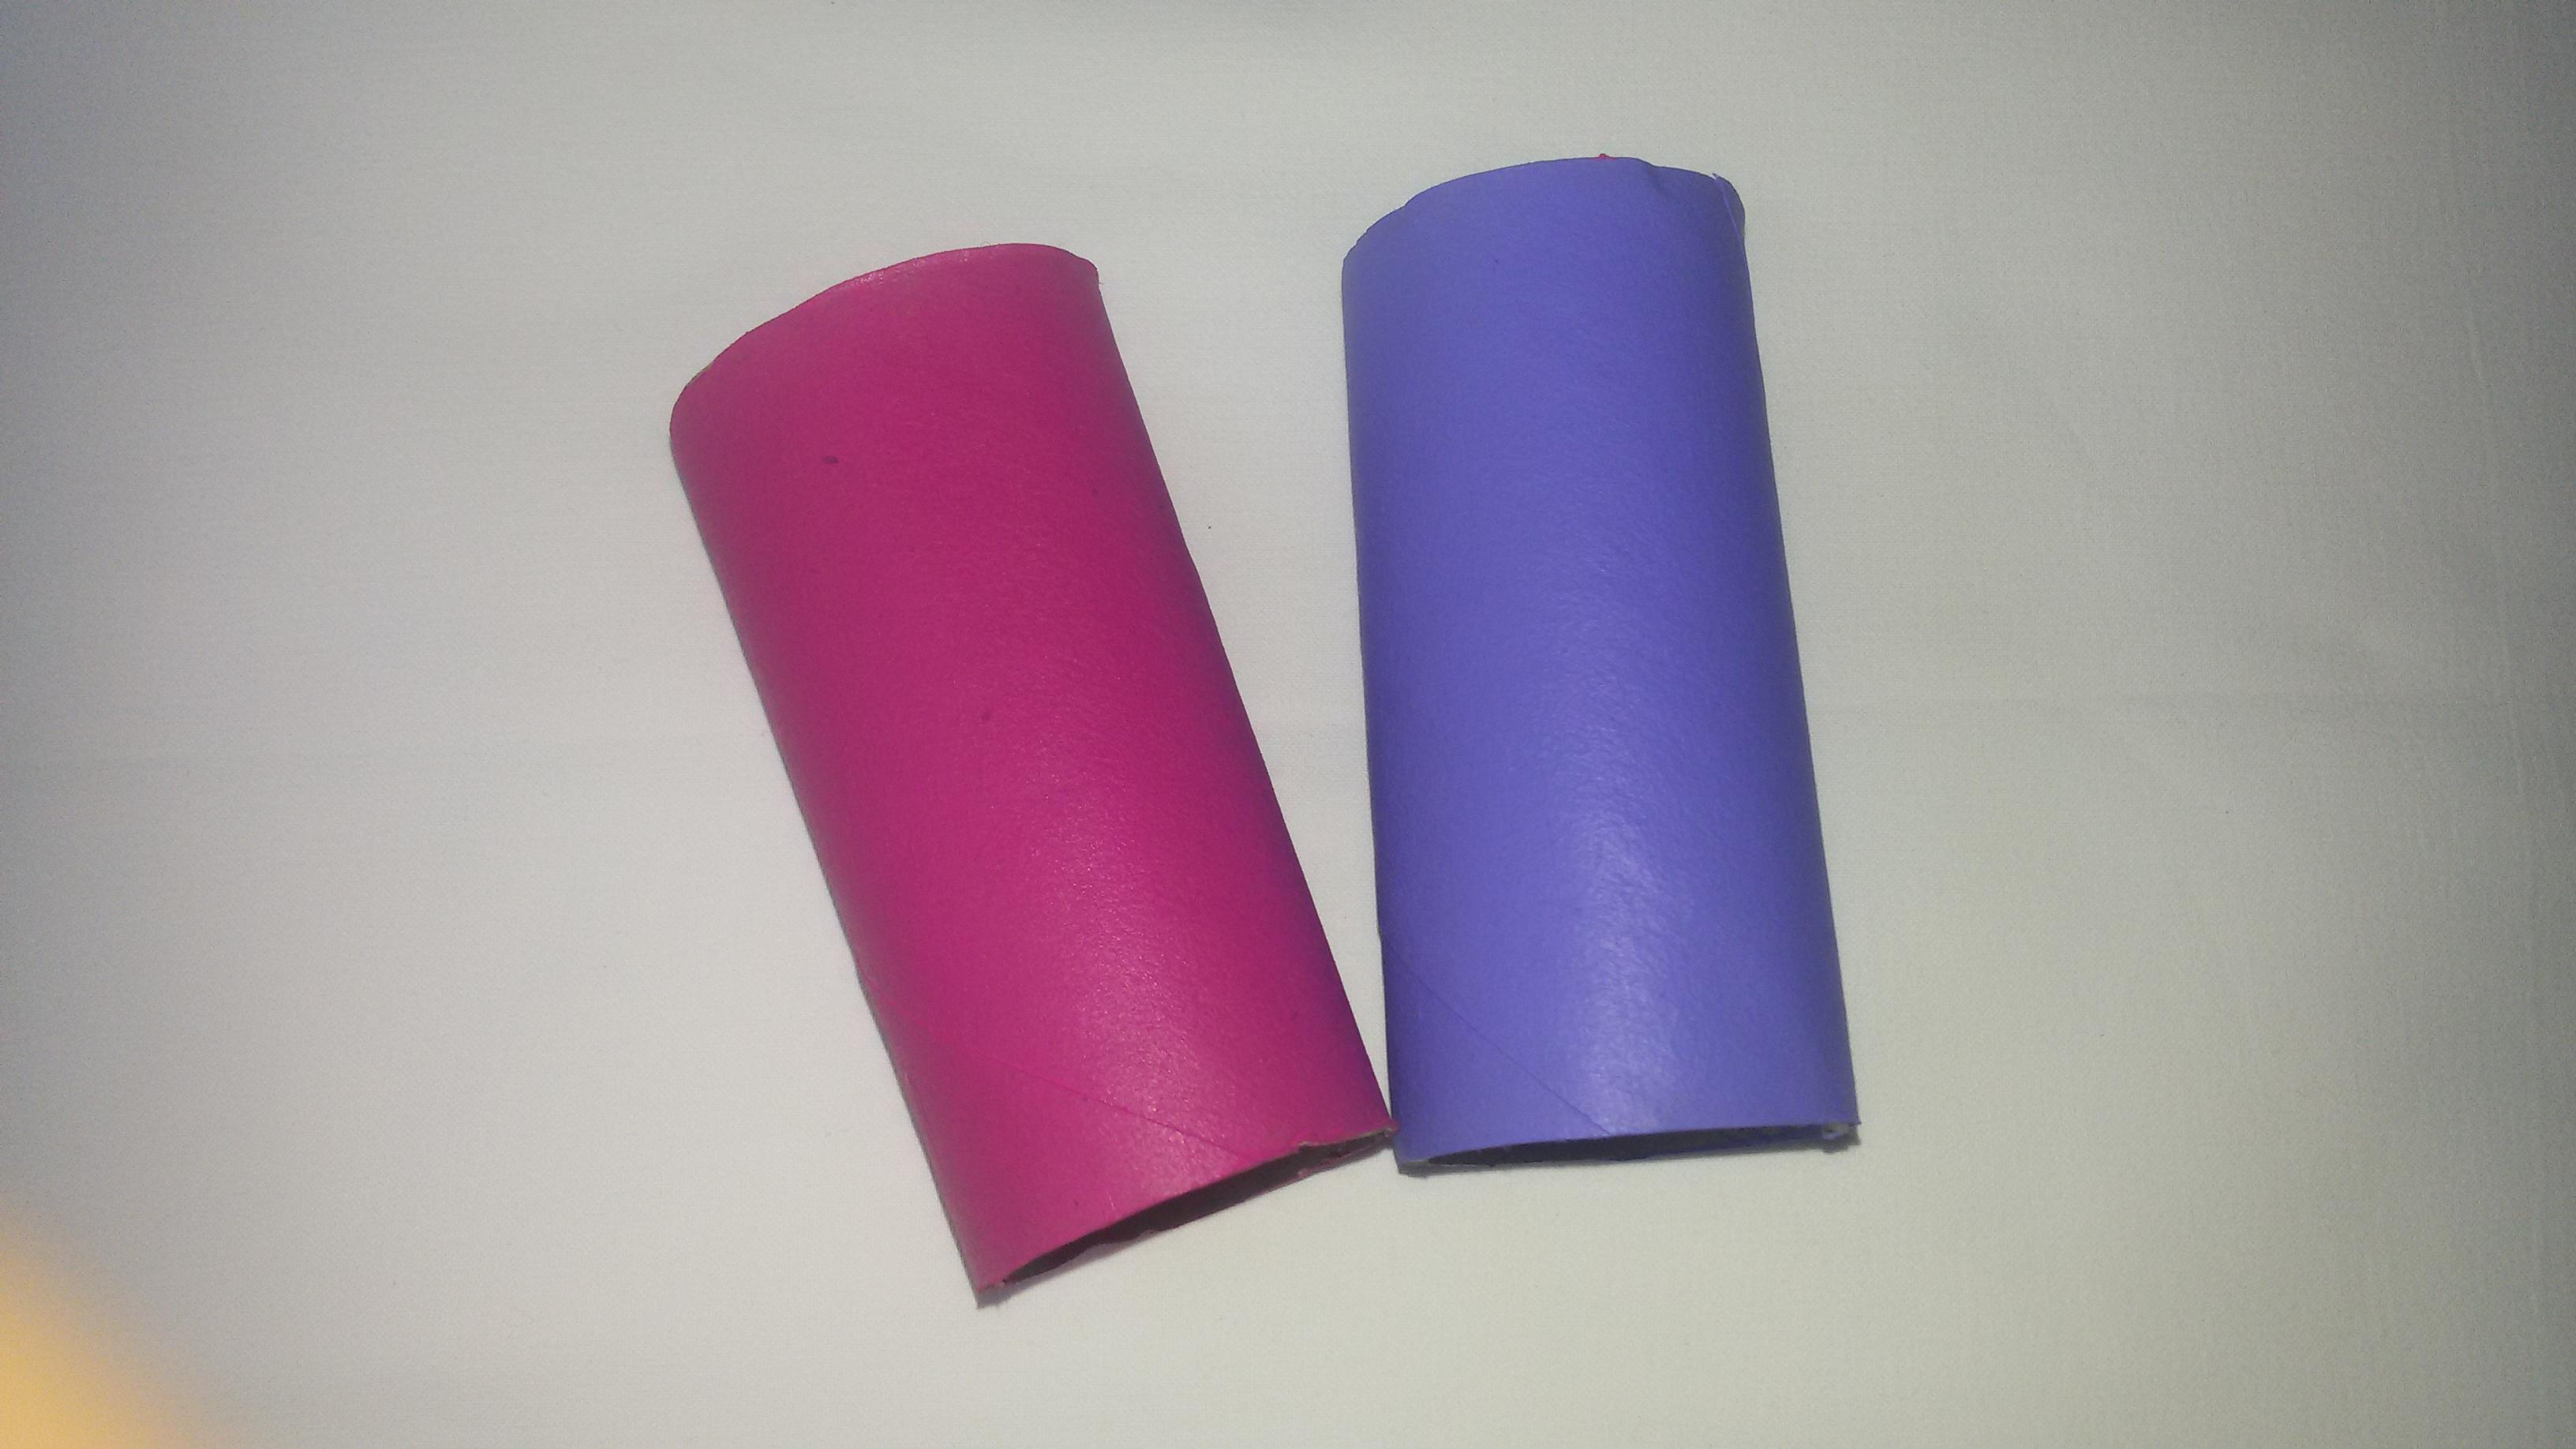 Twee ons geluk knutselen voor valentijnsdag - Kleur wc idee ...